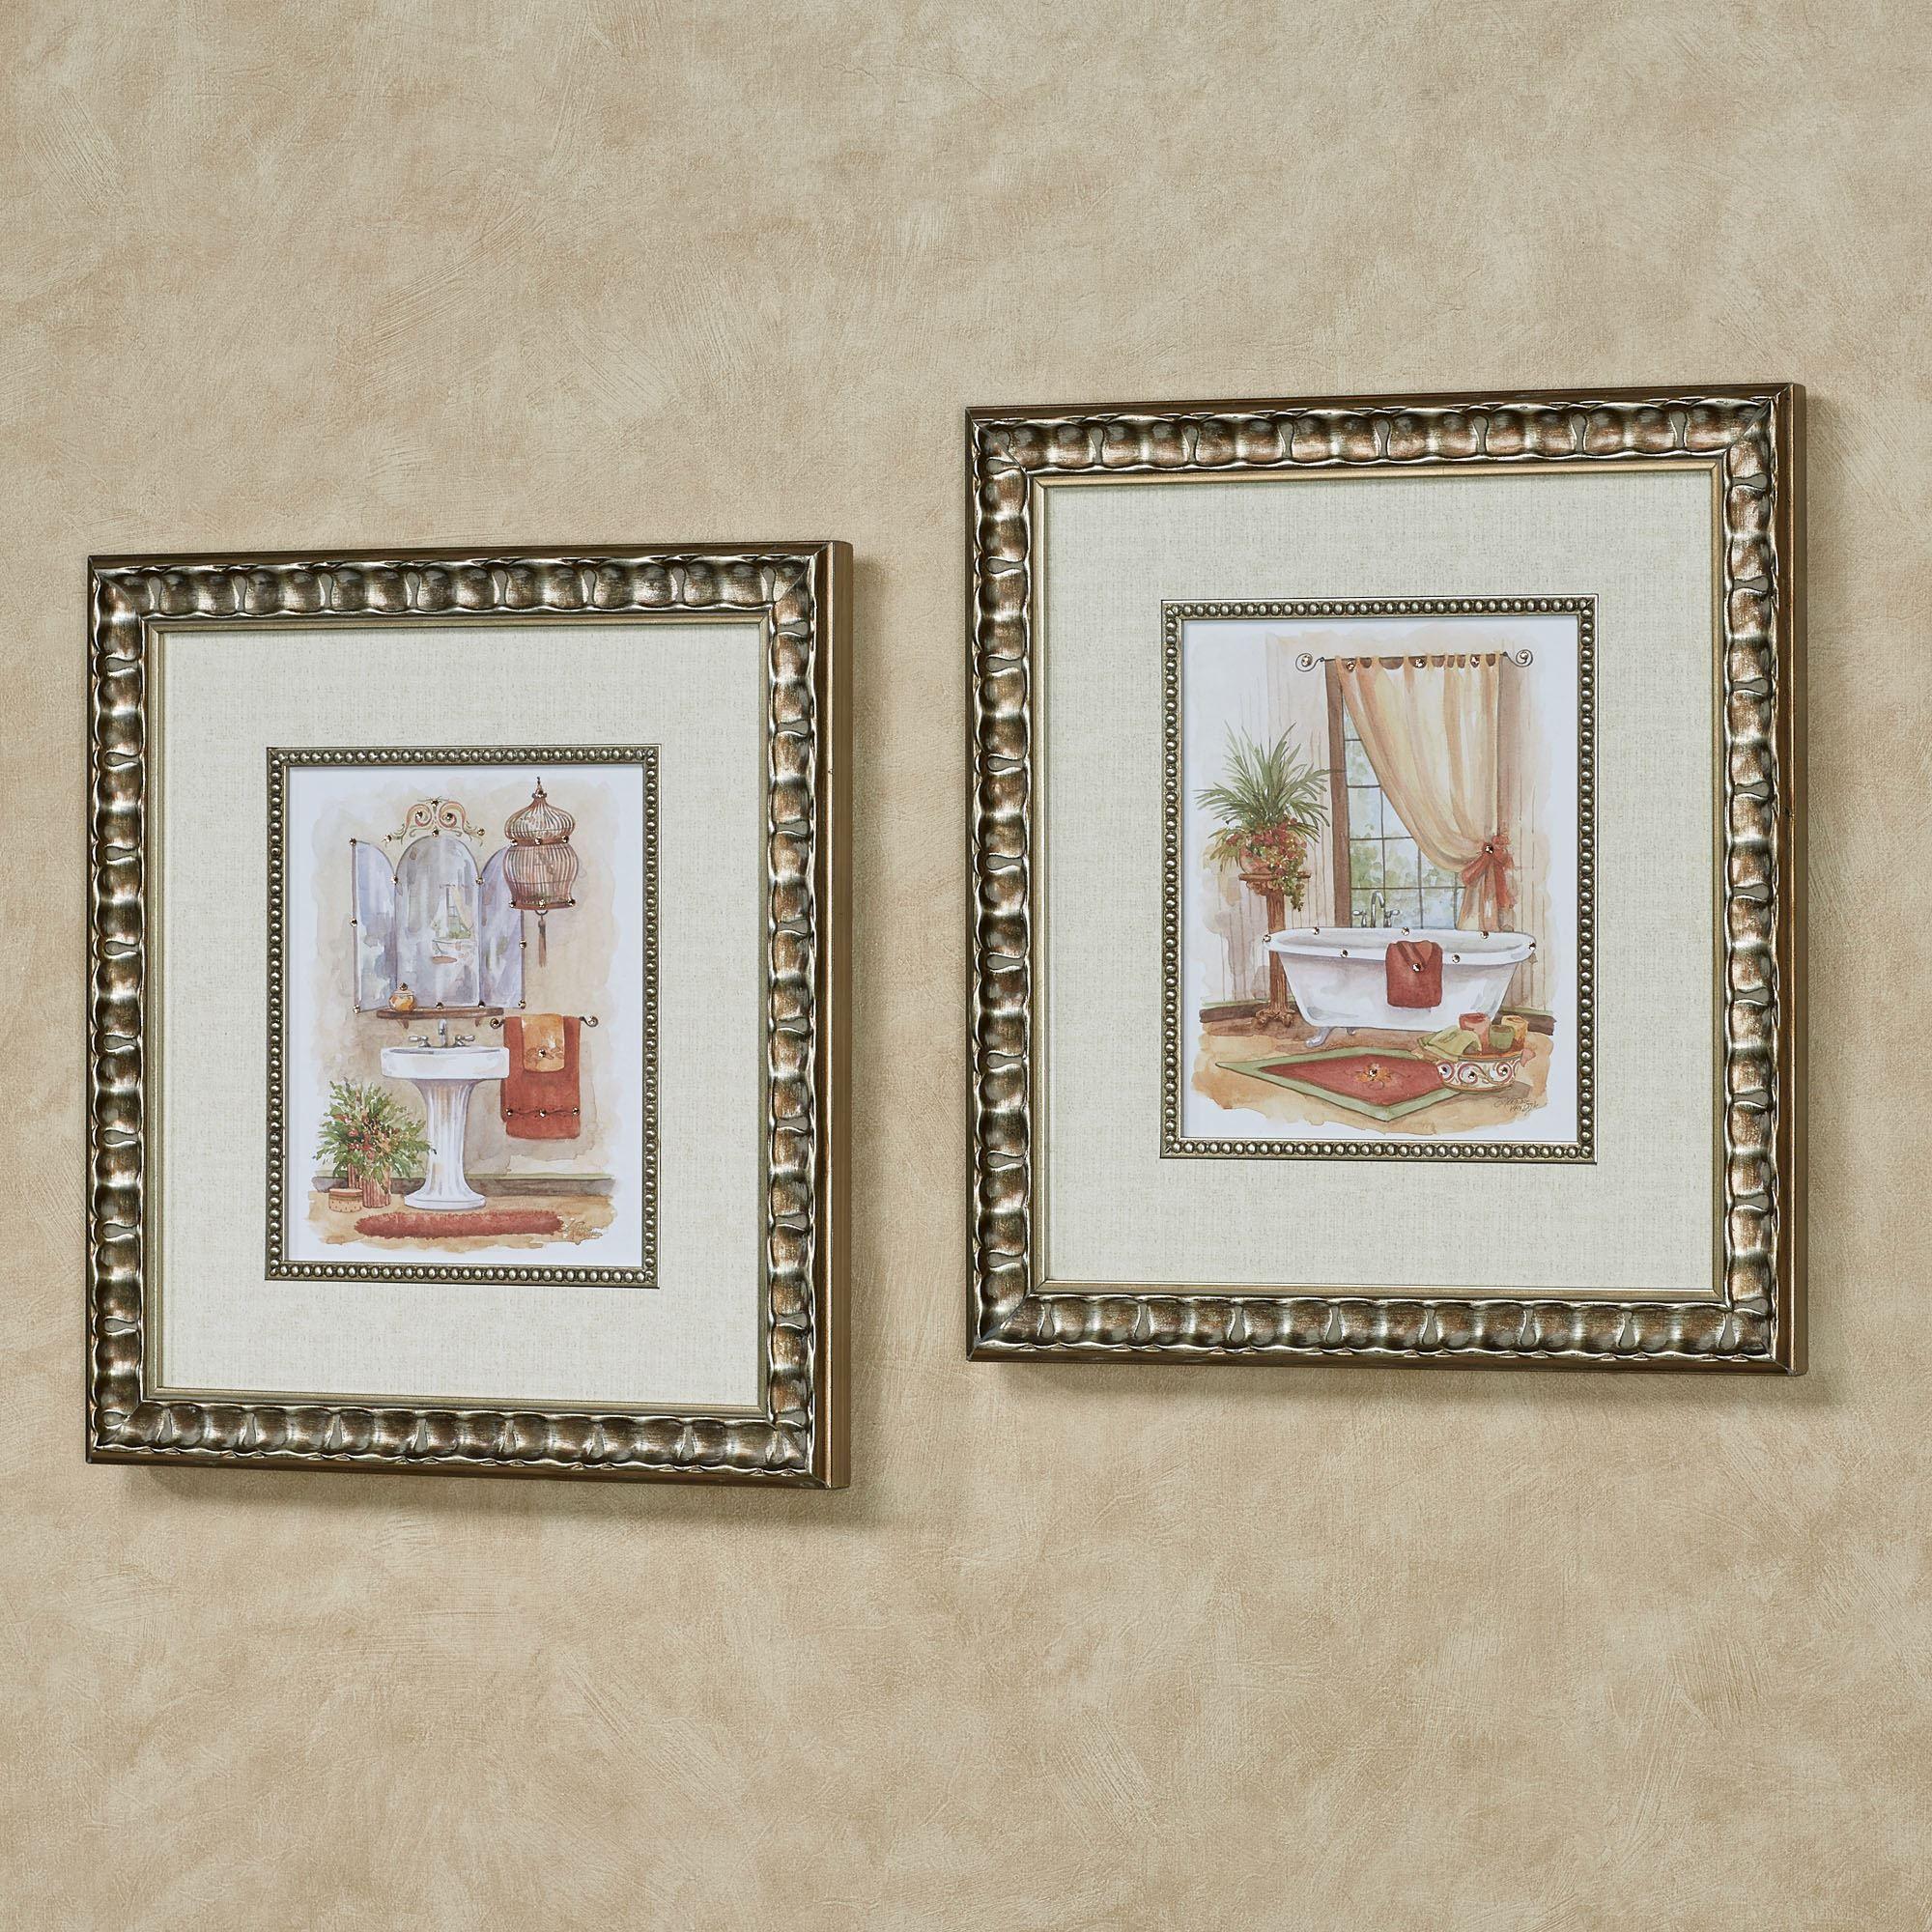 Watercolor Bath In Spice Framed Wall Art